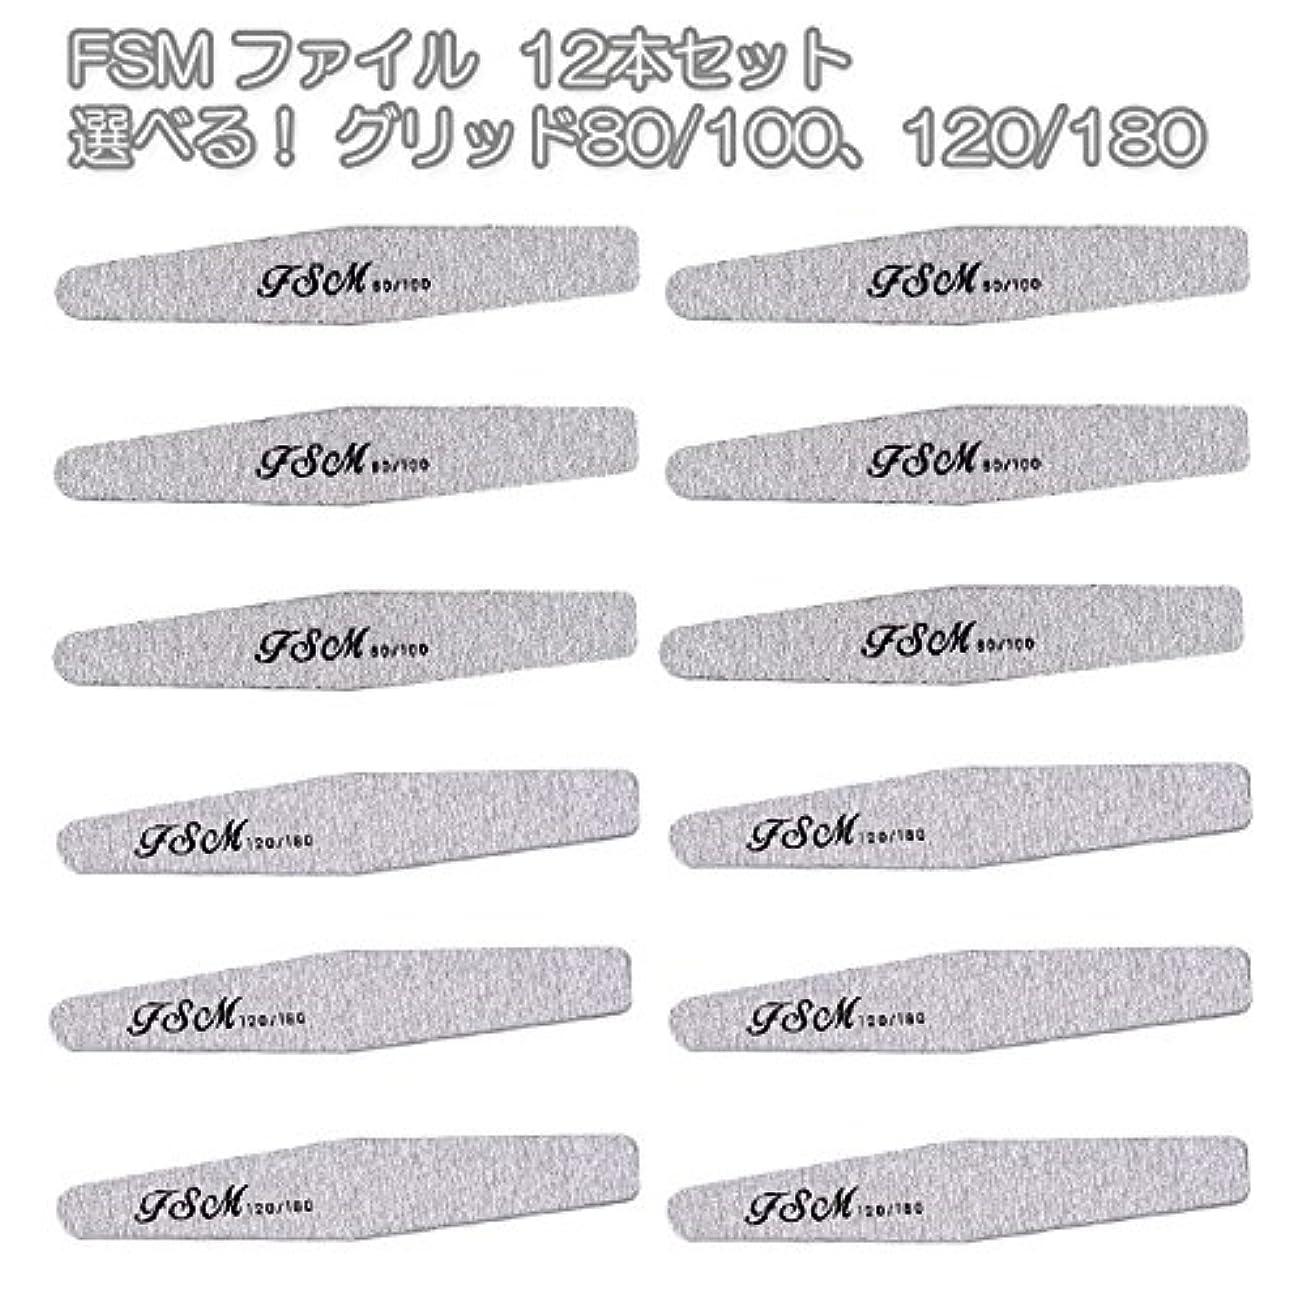 レイアマキシム食事FSM ネイルファイル/バッファー12本セット(選べる!グリッド80/100、120/180) (G80/100の12本)